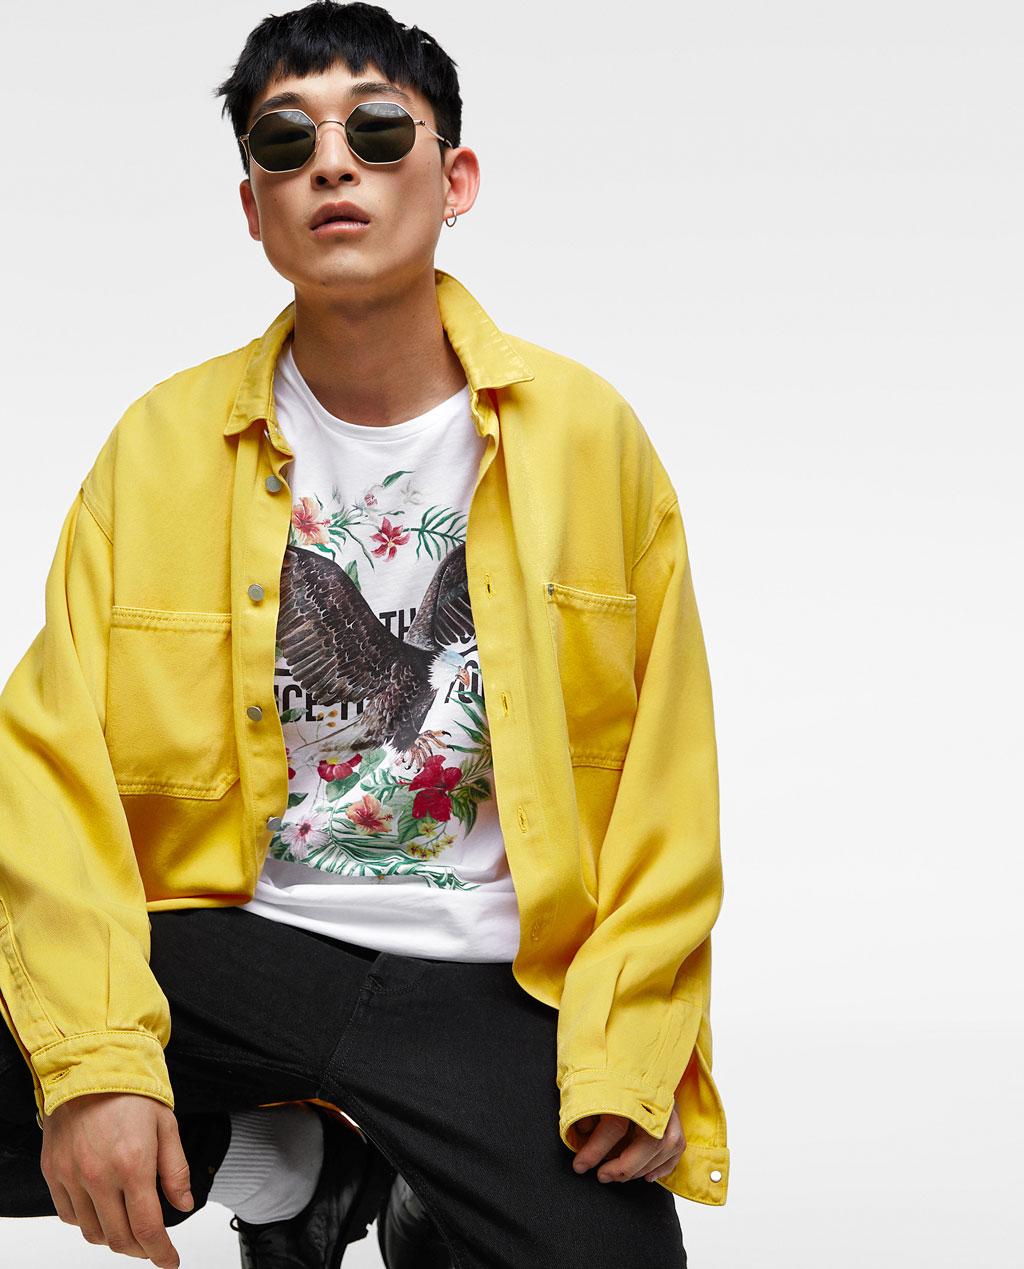 Thời trang nam Zara  24048 - ảnh 6